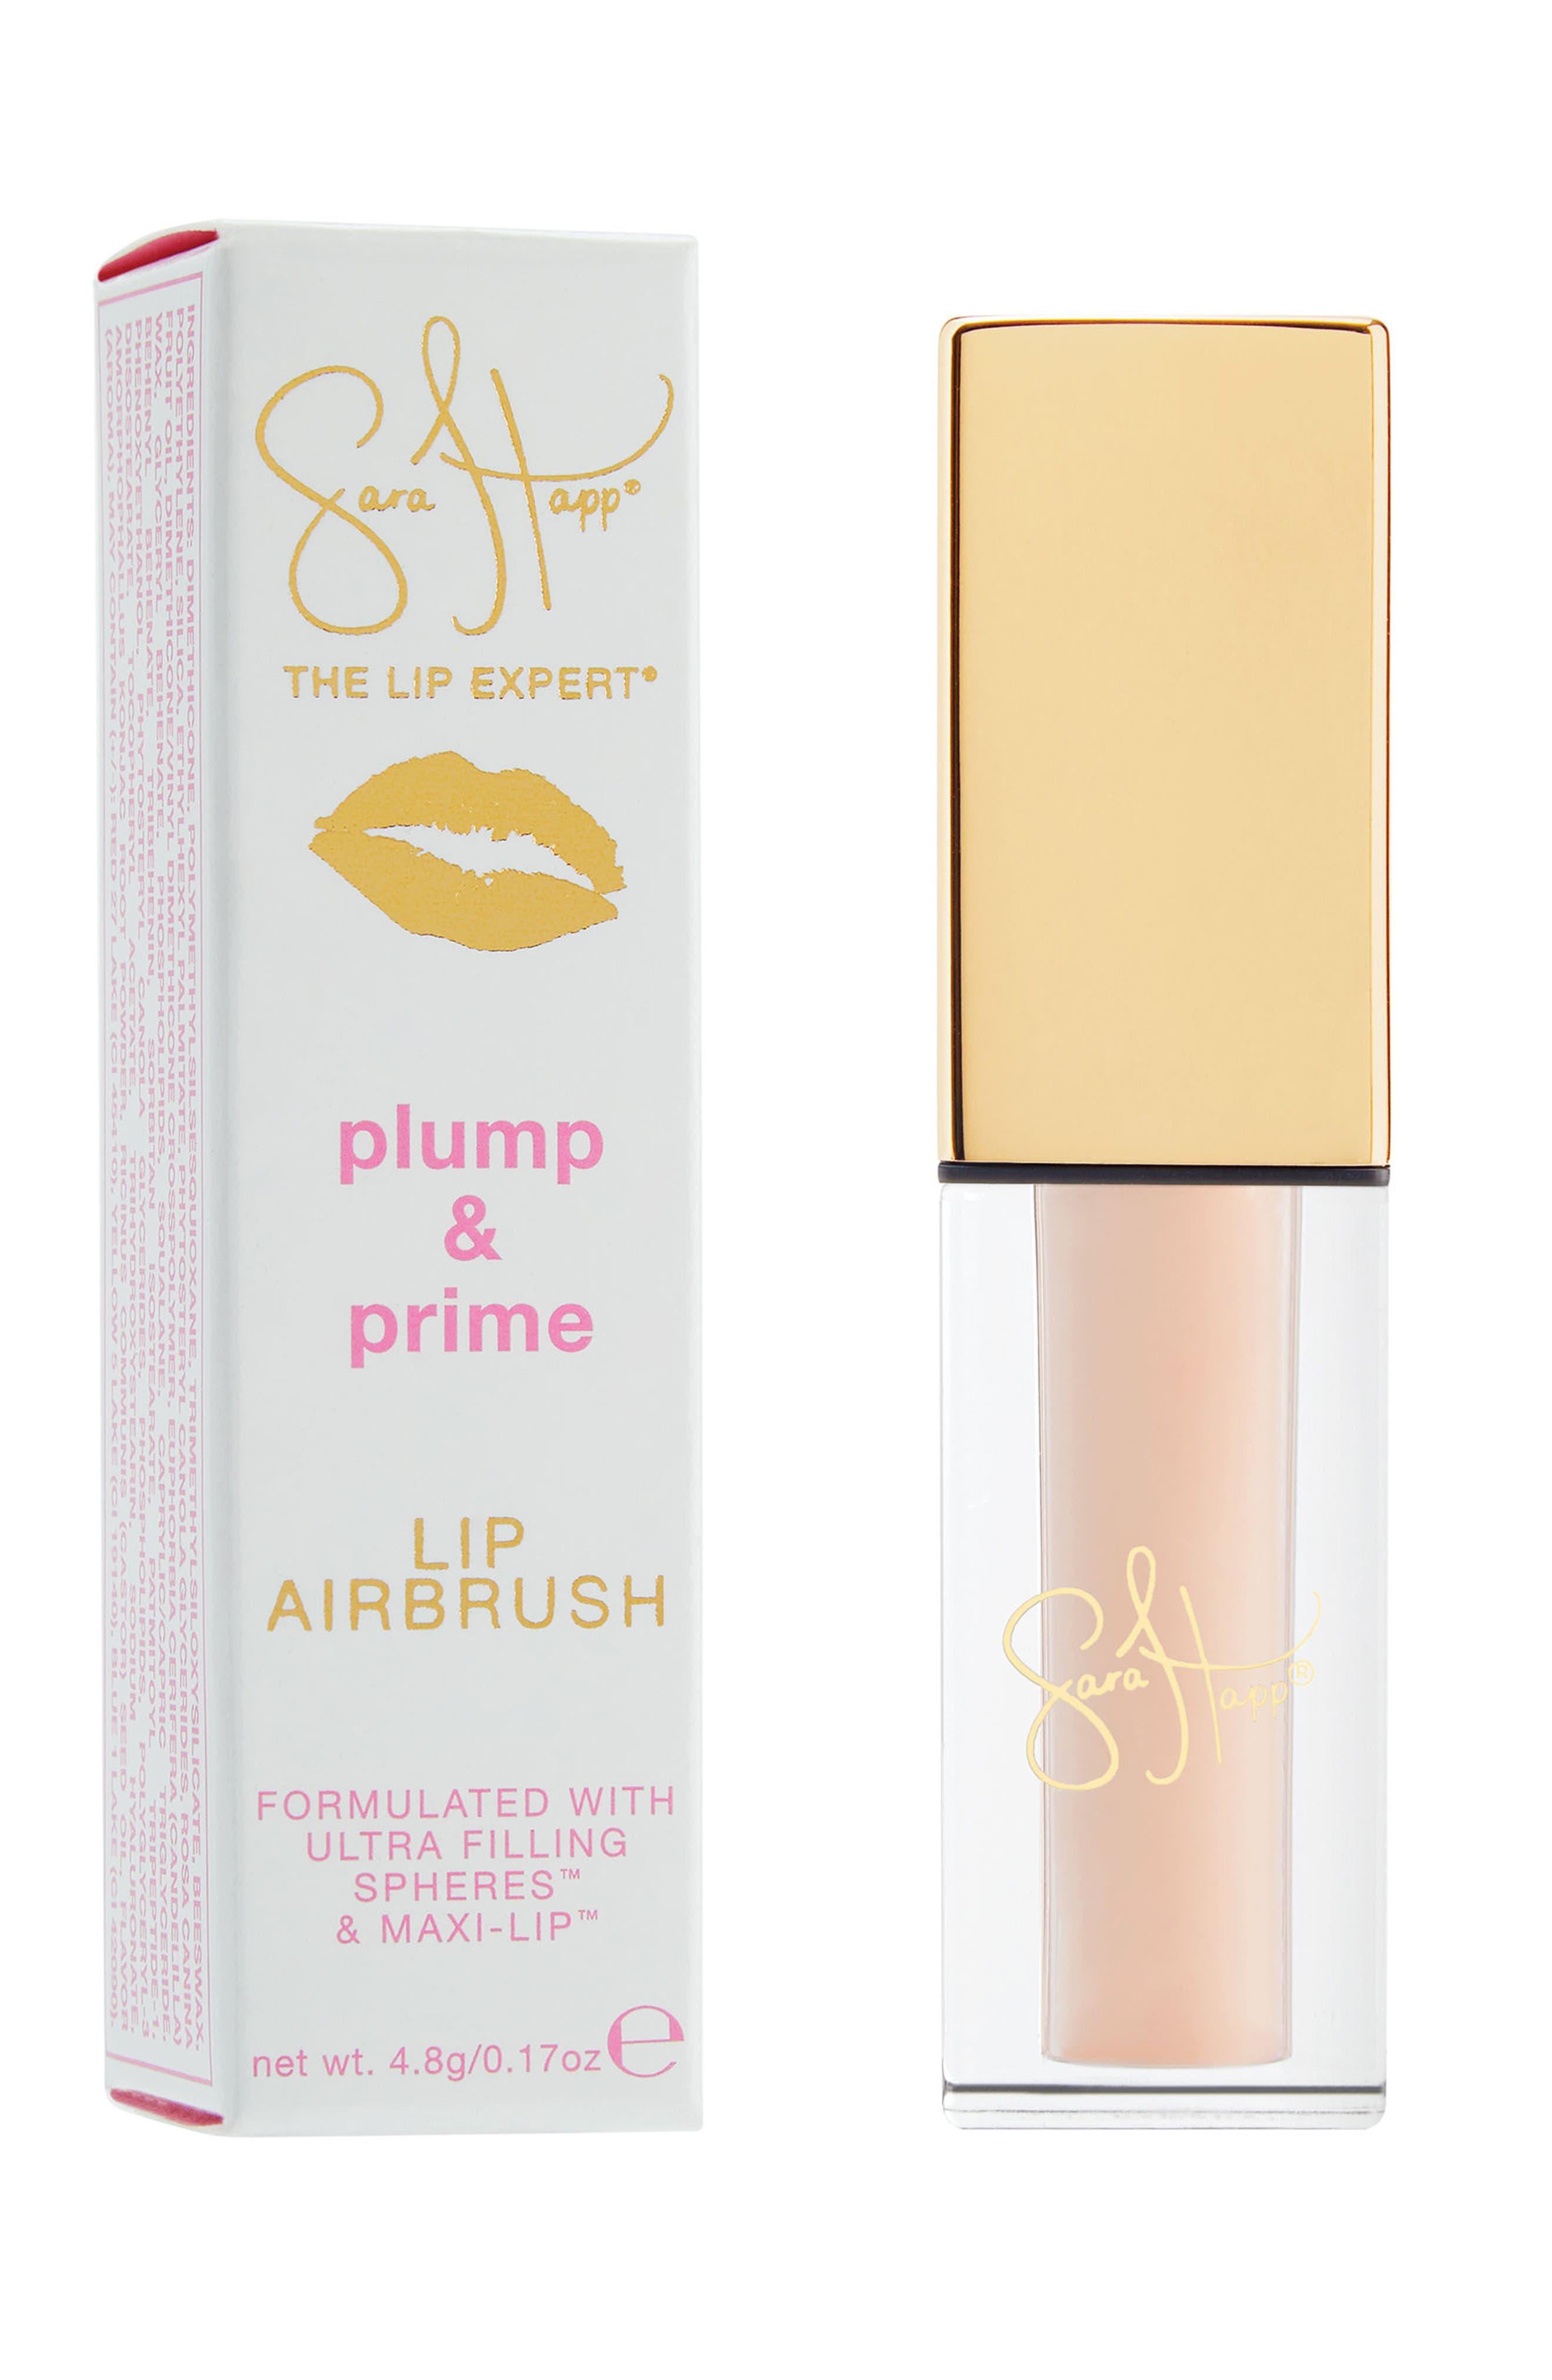 sara happ® Plump & Prime Lip Airbrush